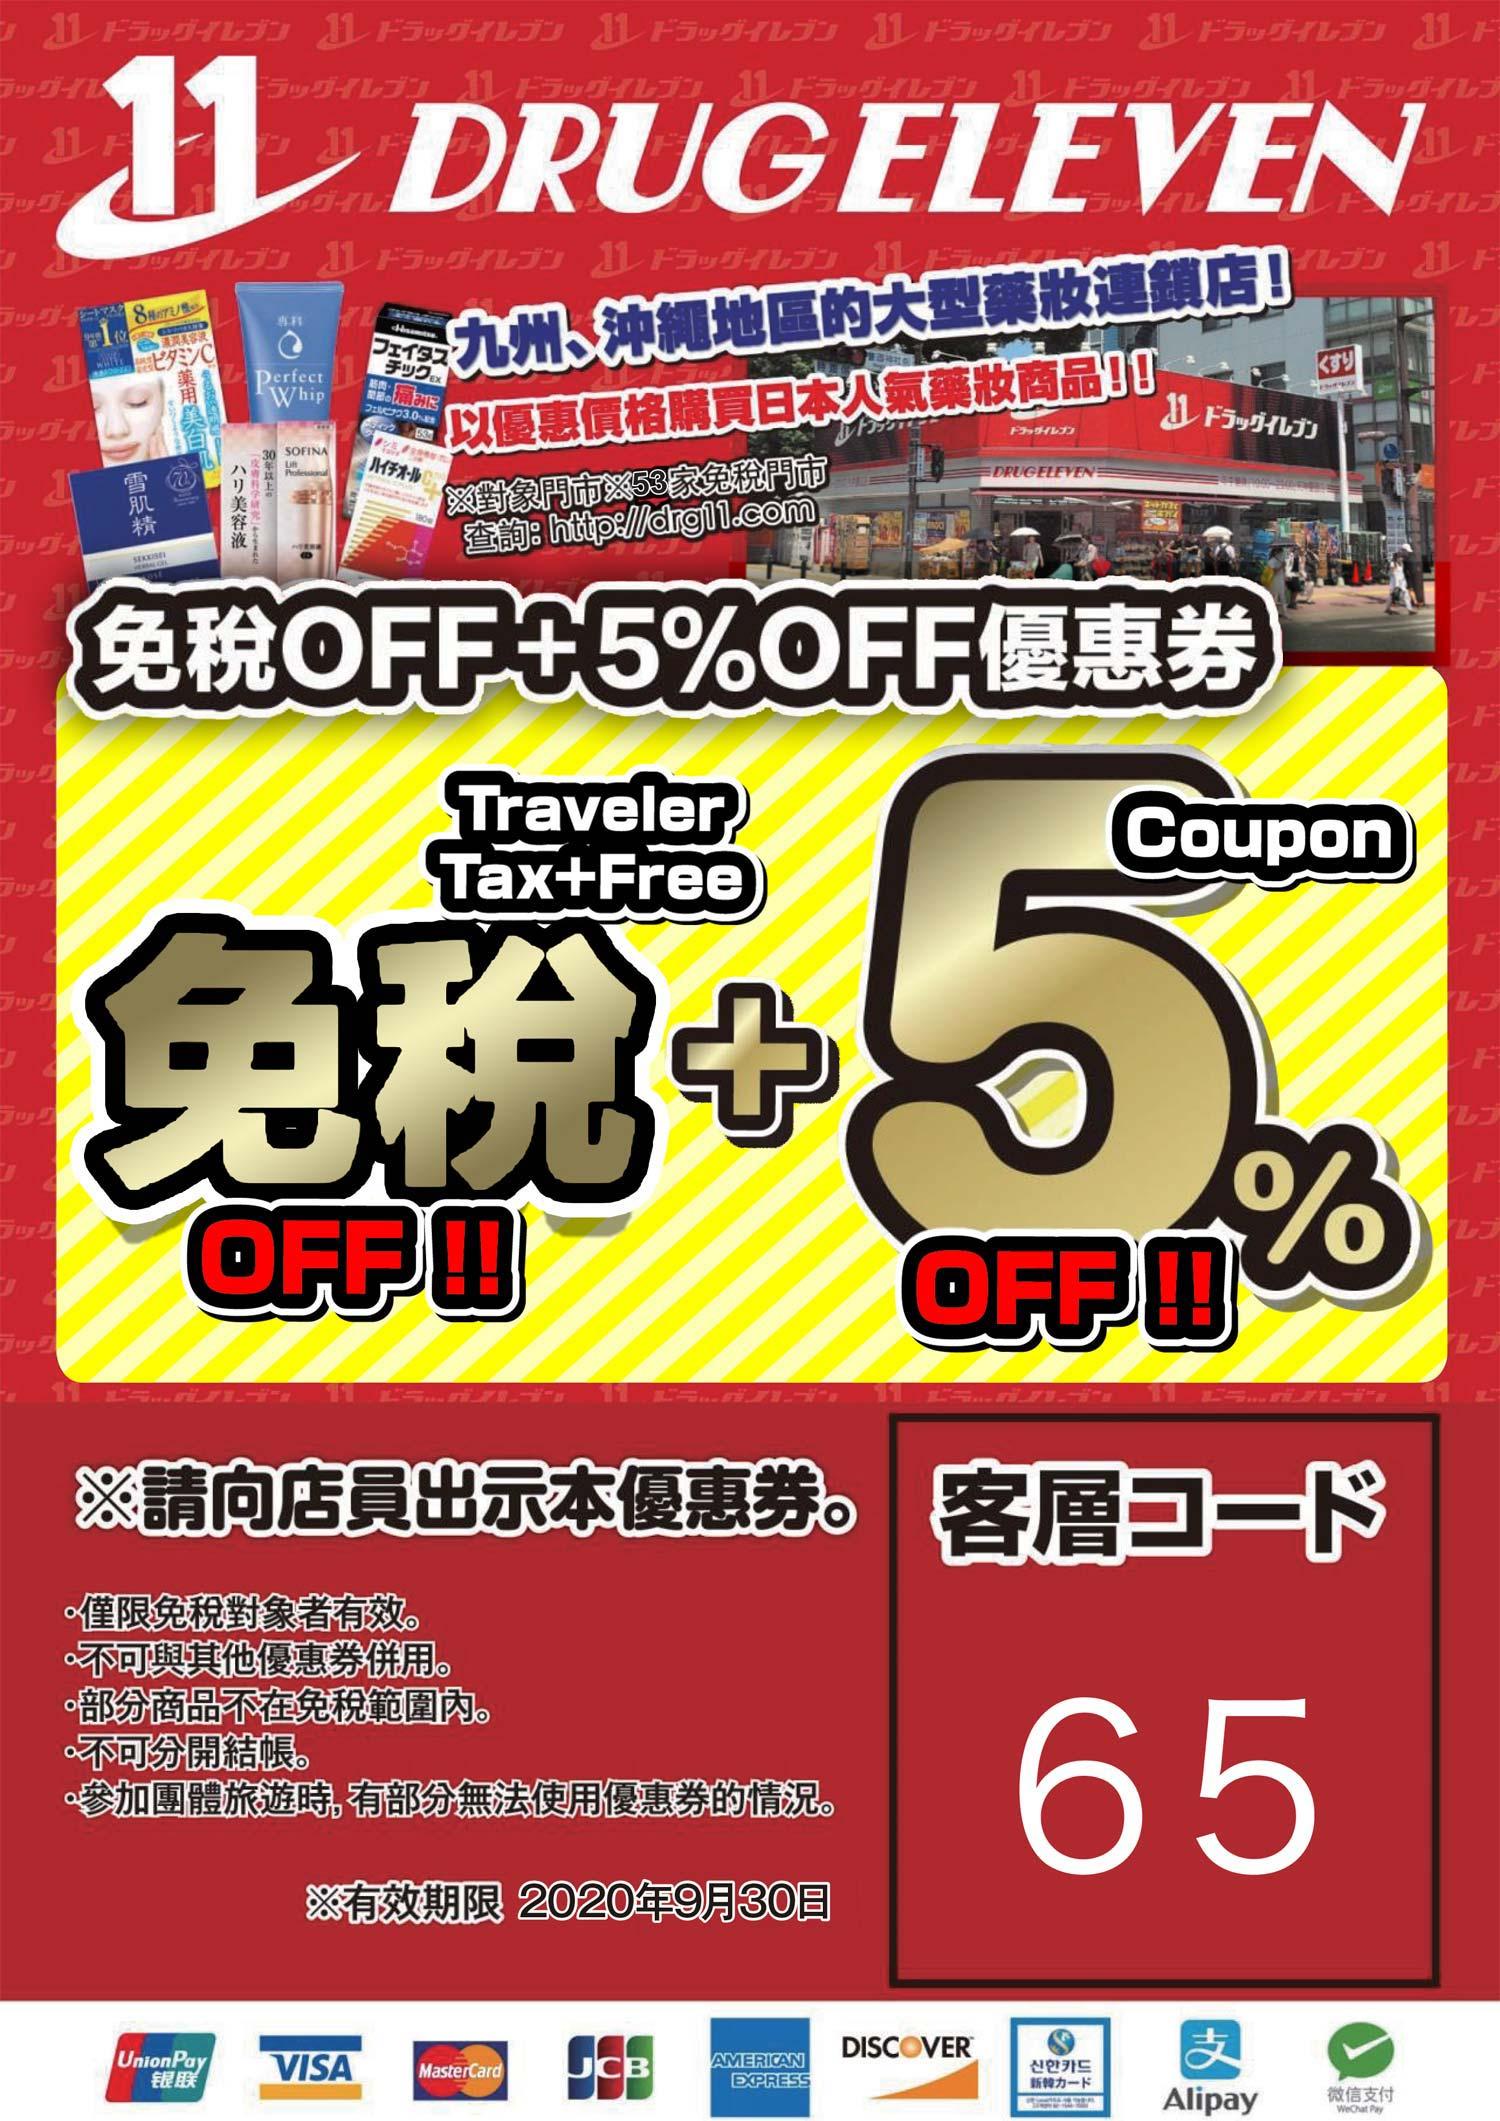 Drug Eleven(Drug 11)藥妝折扣券